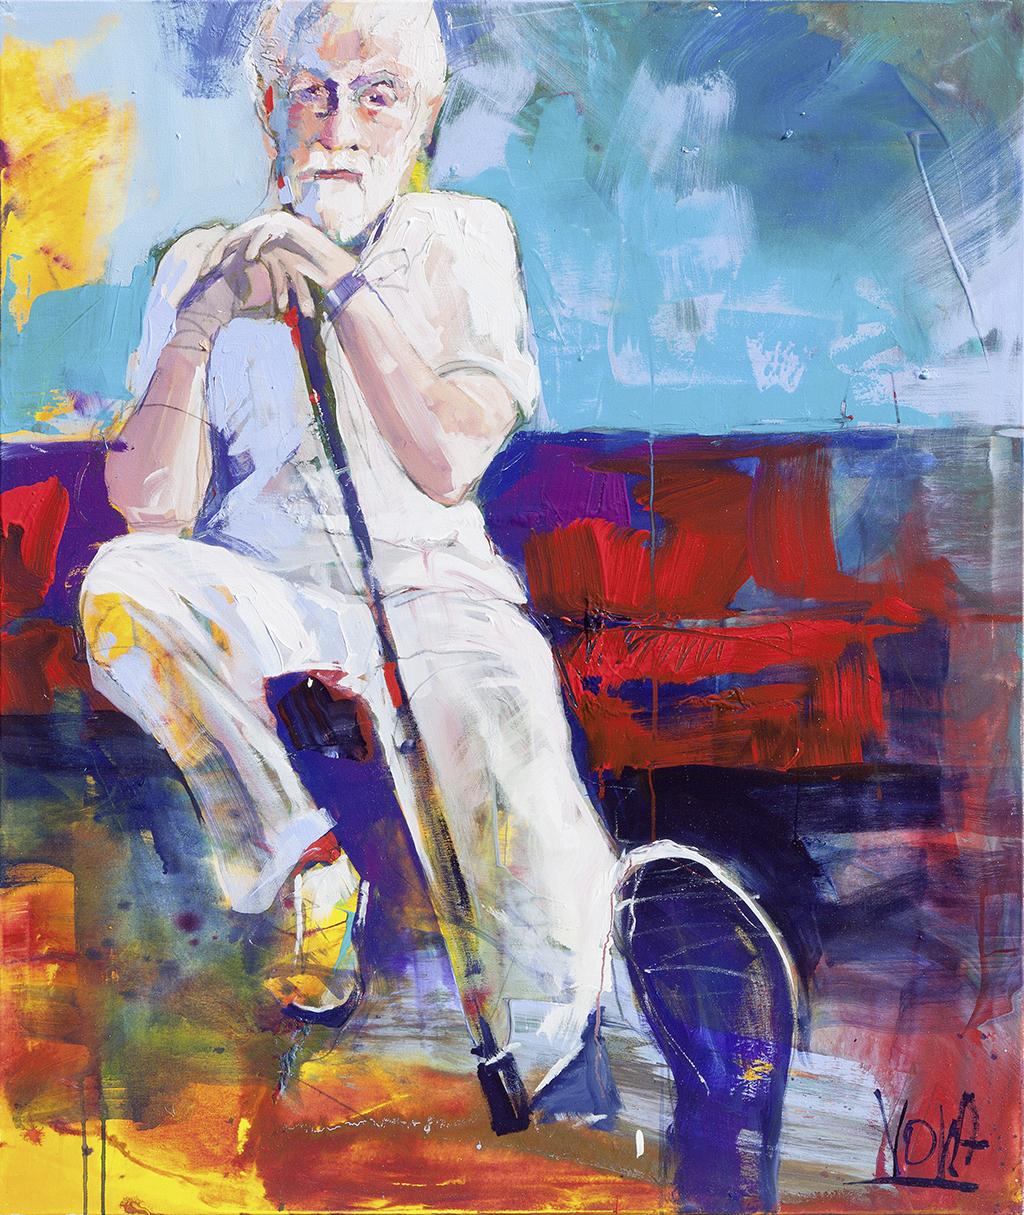 Wise Man, 120x100cm/ 47,2x39,4 inch, acrylic on canvas